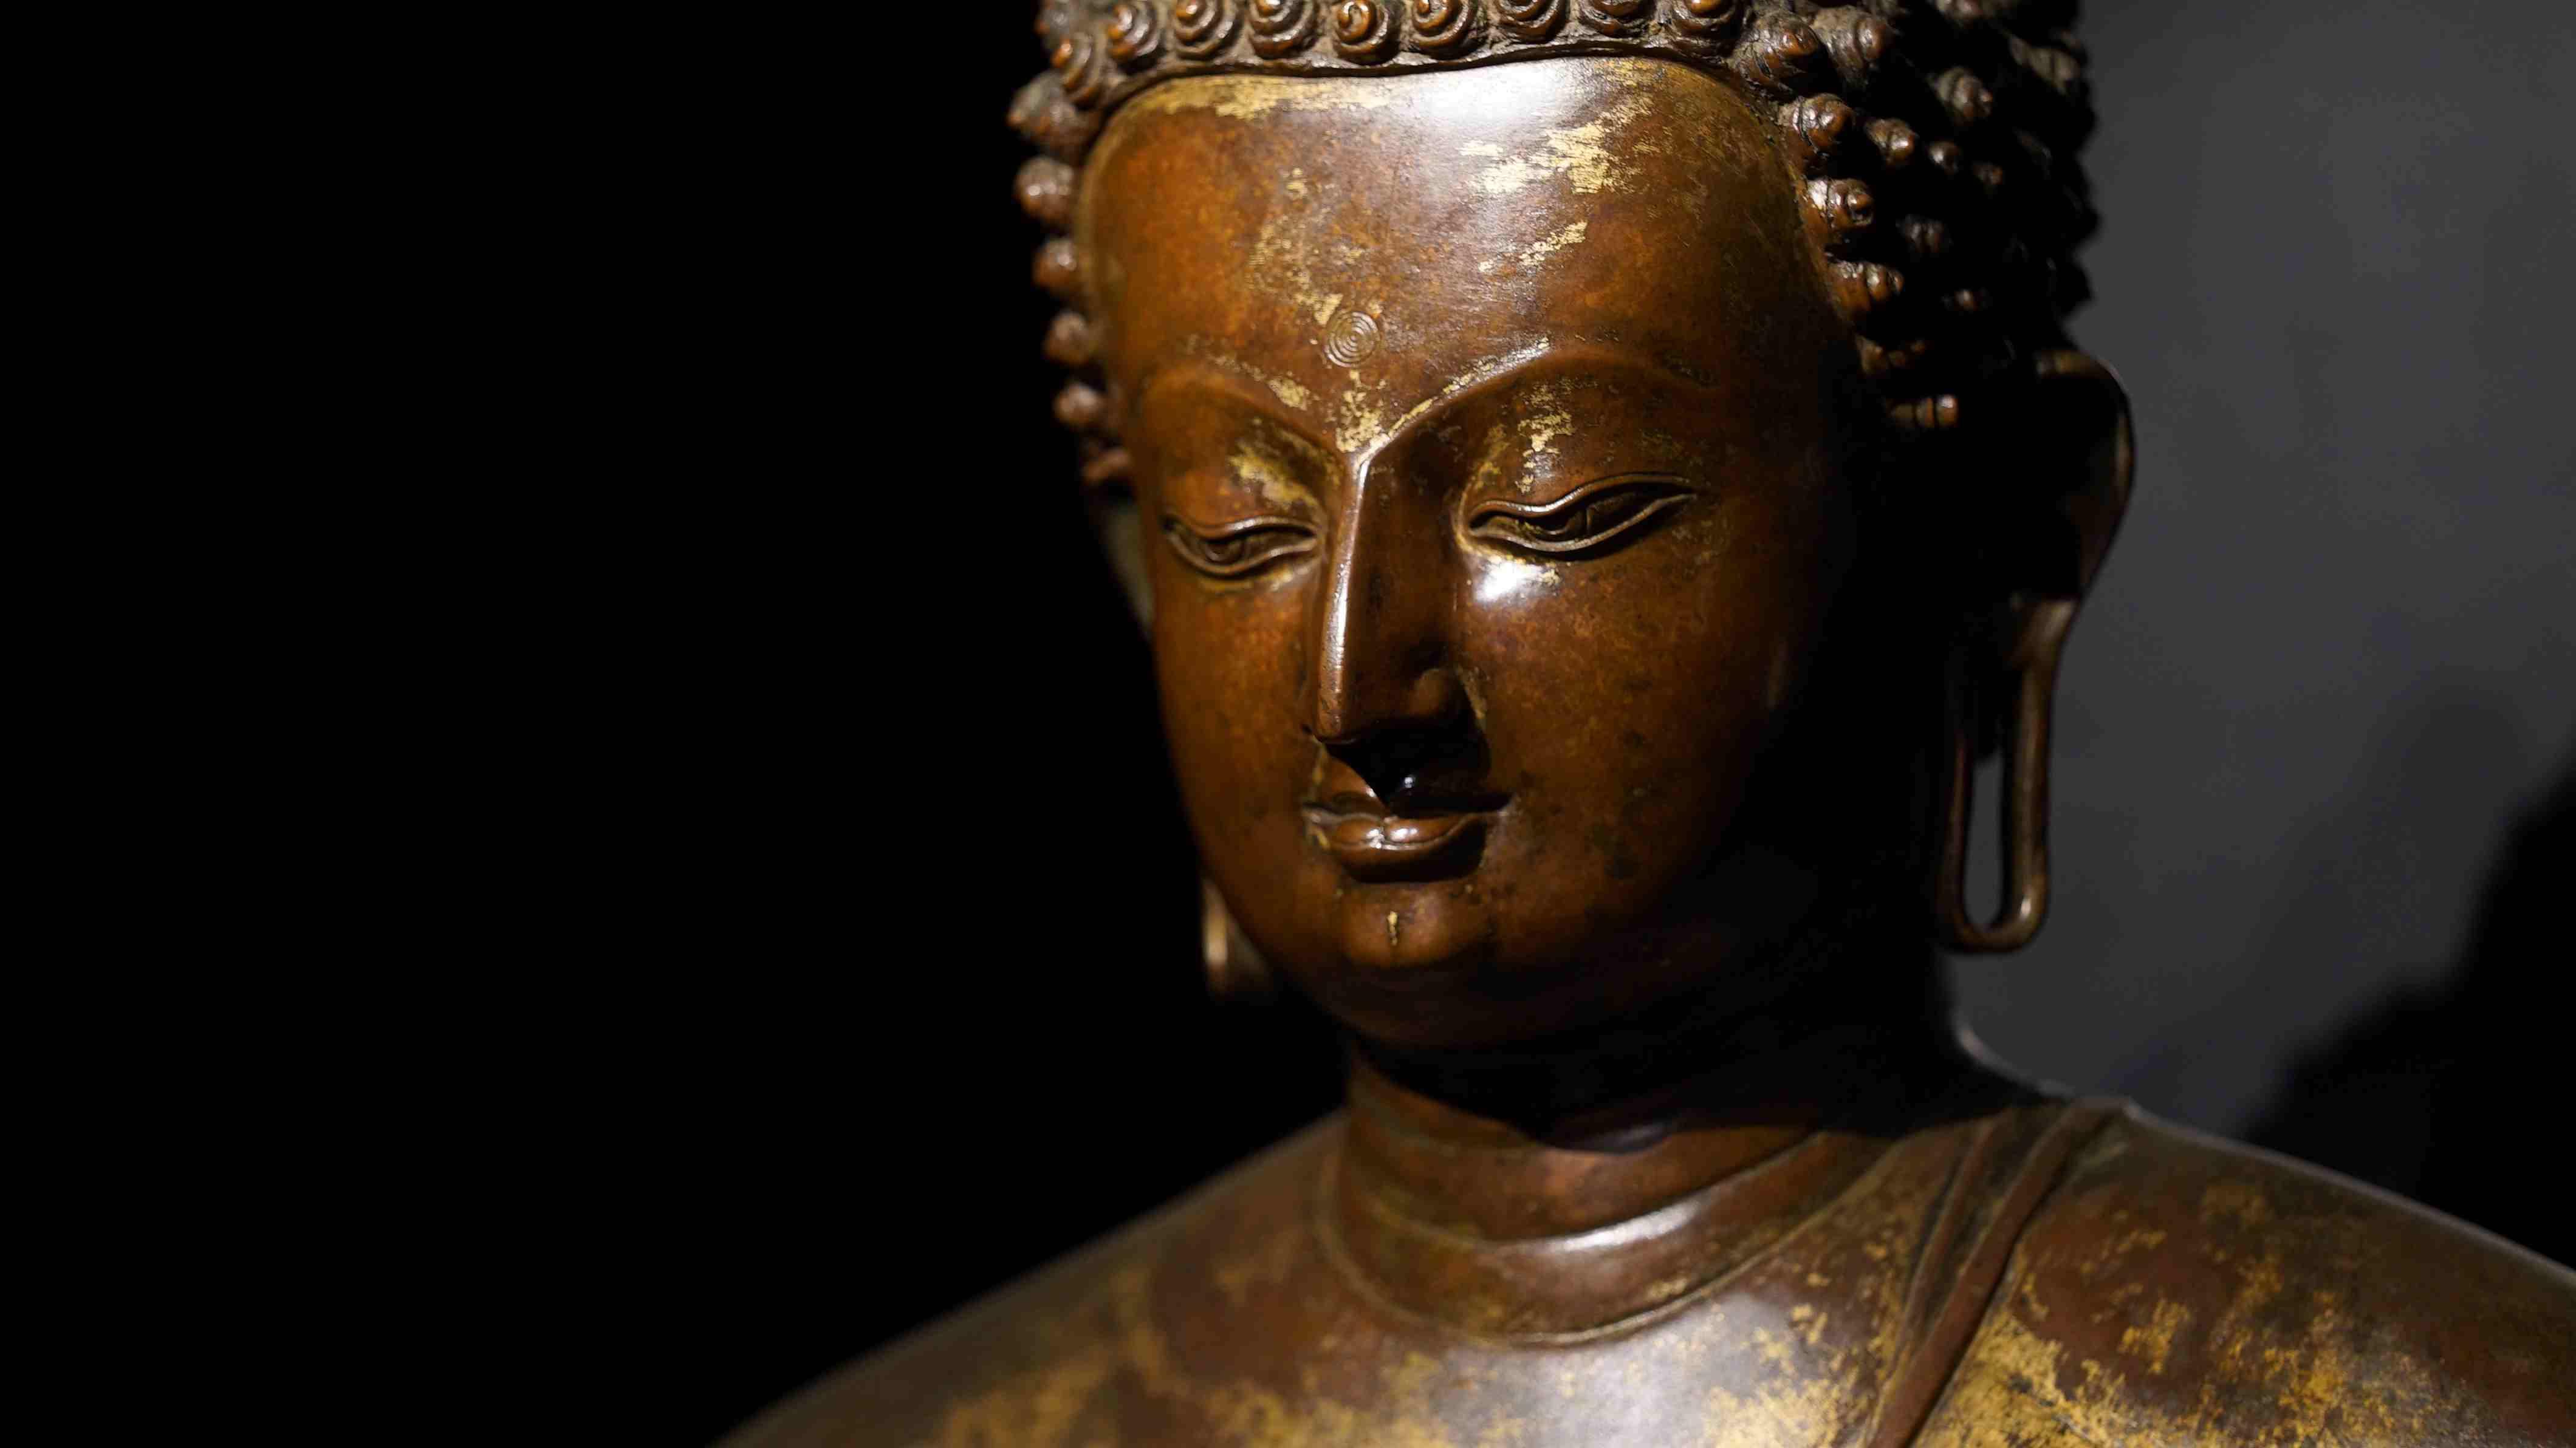 Zhiguan Museum director discusses Himalayan art